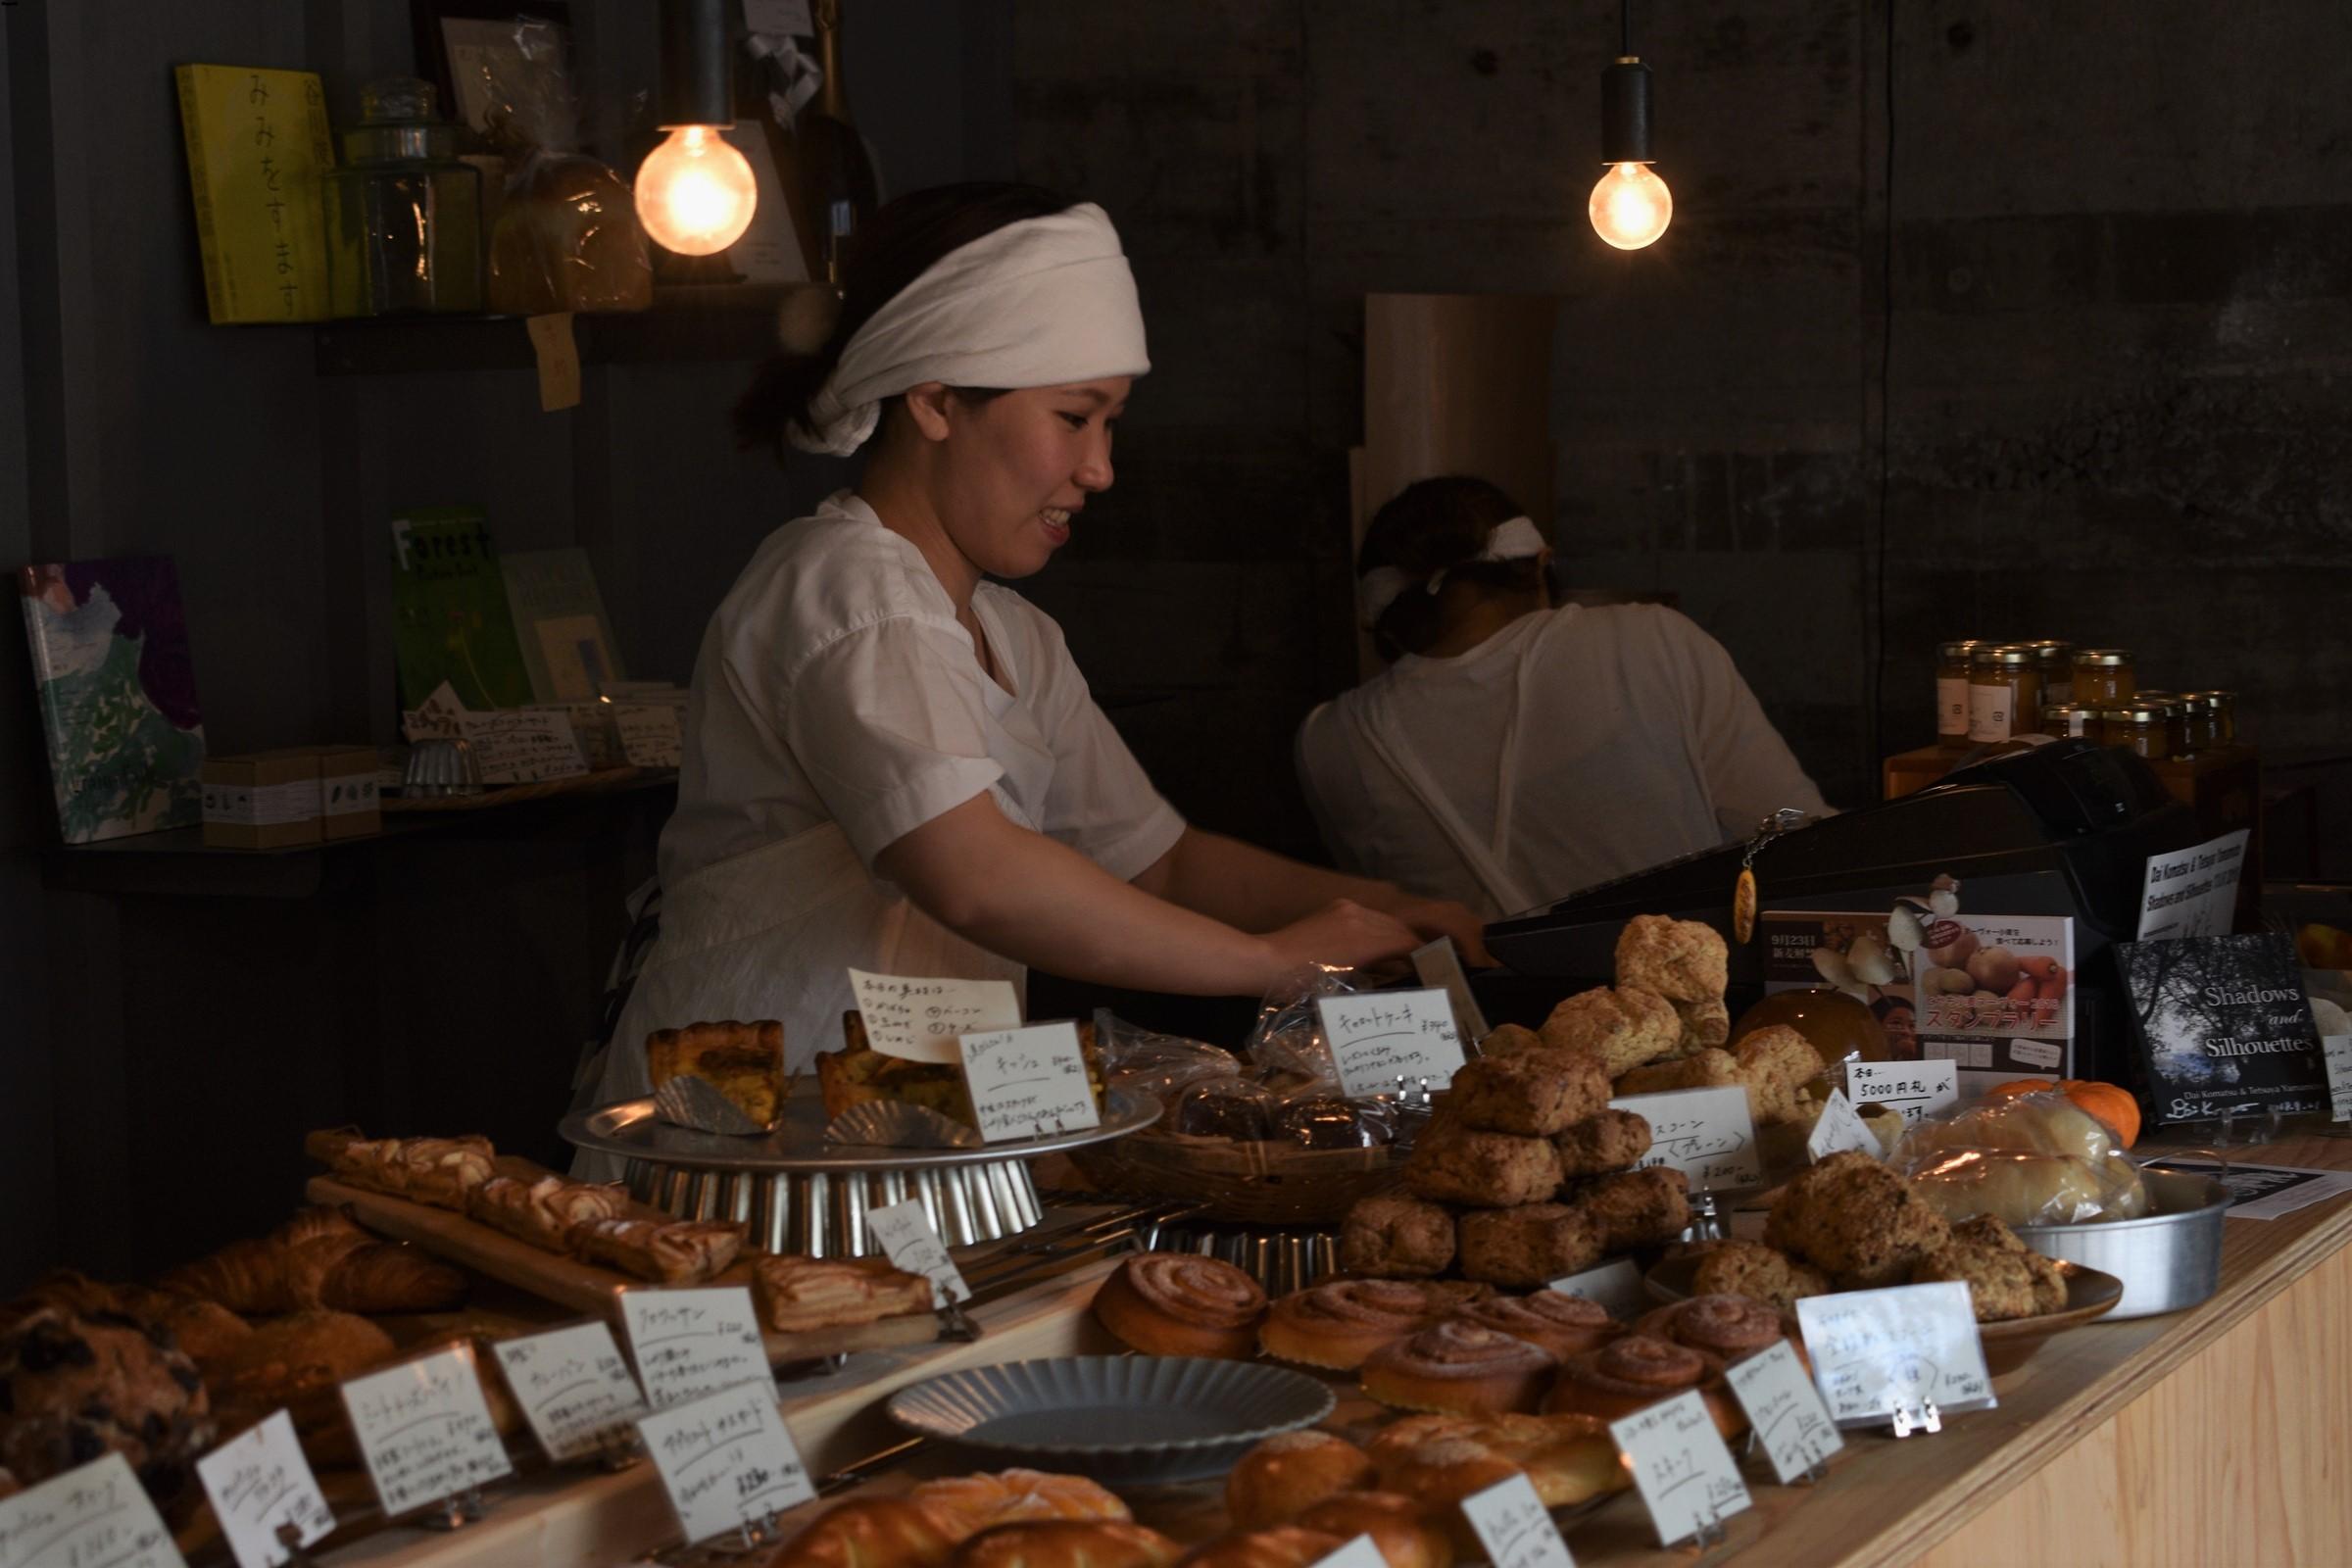 この秋、買いに行きたくなるパン屋さん「トレマタン ブーランジェリー」 - r DSC 1089